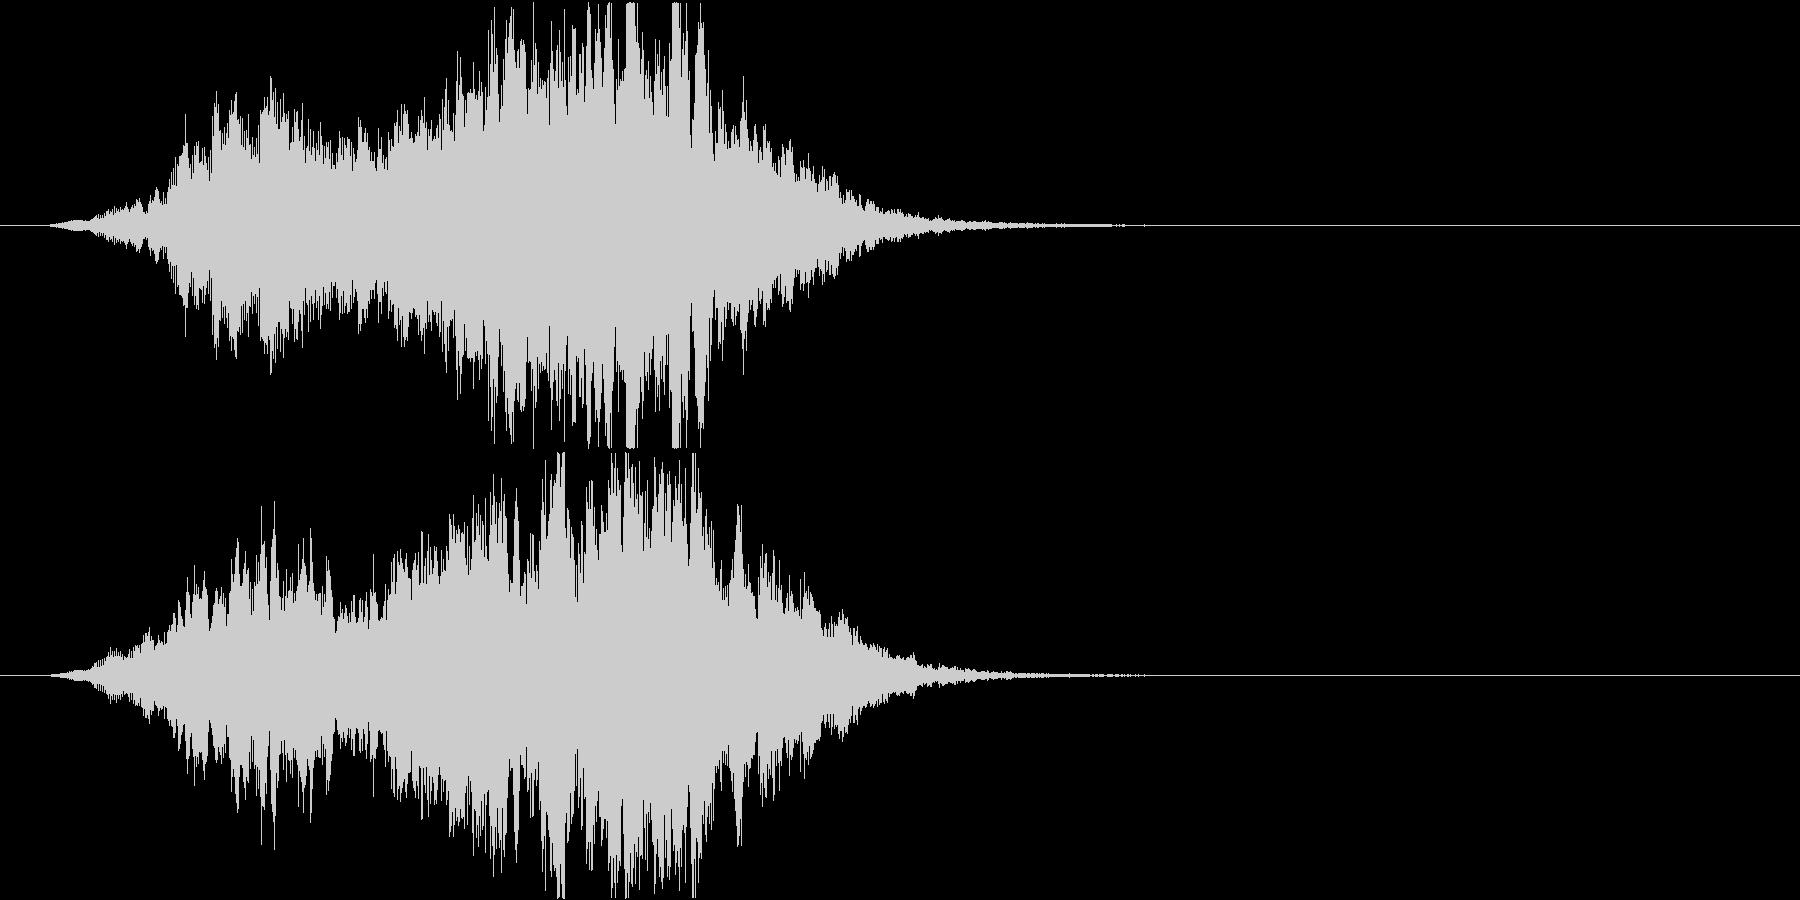 不思議な雰囲気のサウンドロゴ の未再生の波形